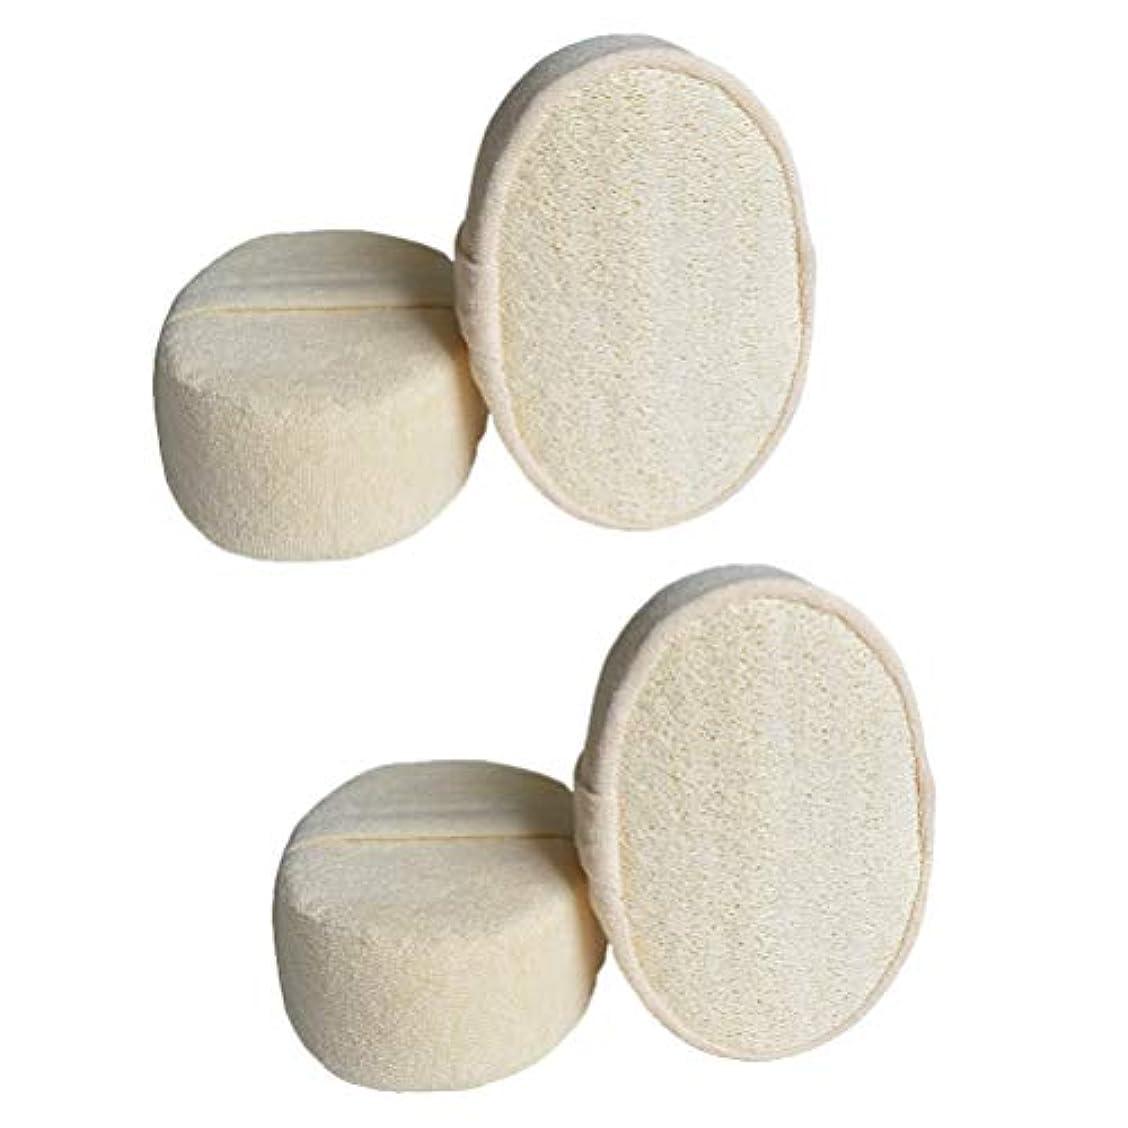 息子馬鹿げた毒性Healifty 4ピース剥離剥離剤パッドloofaスポンジスクラバーブラシ用風呂スパシャワー